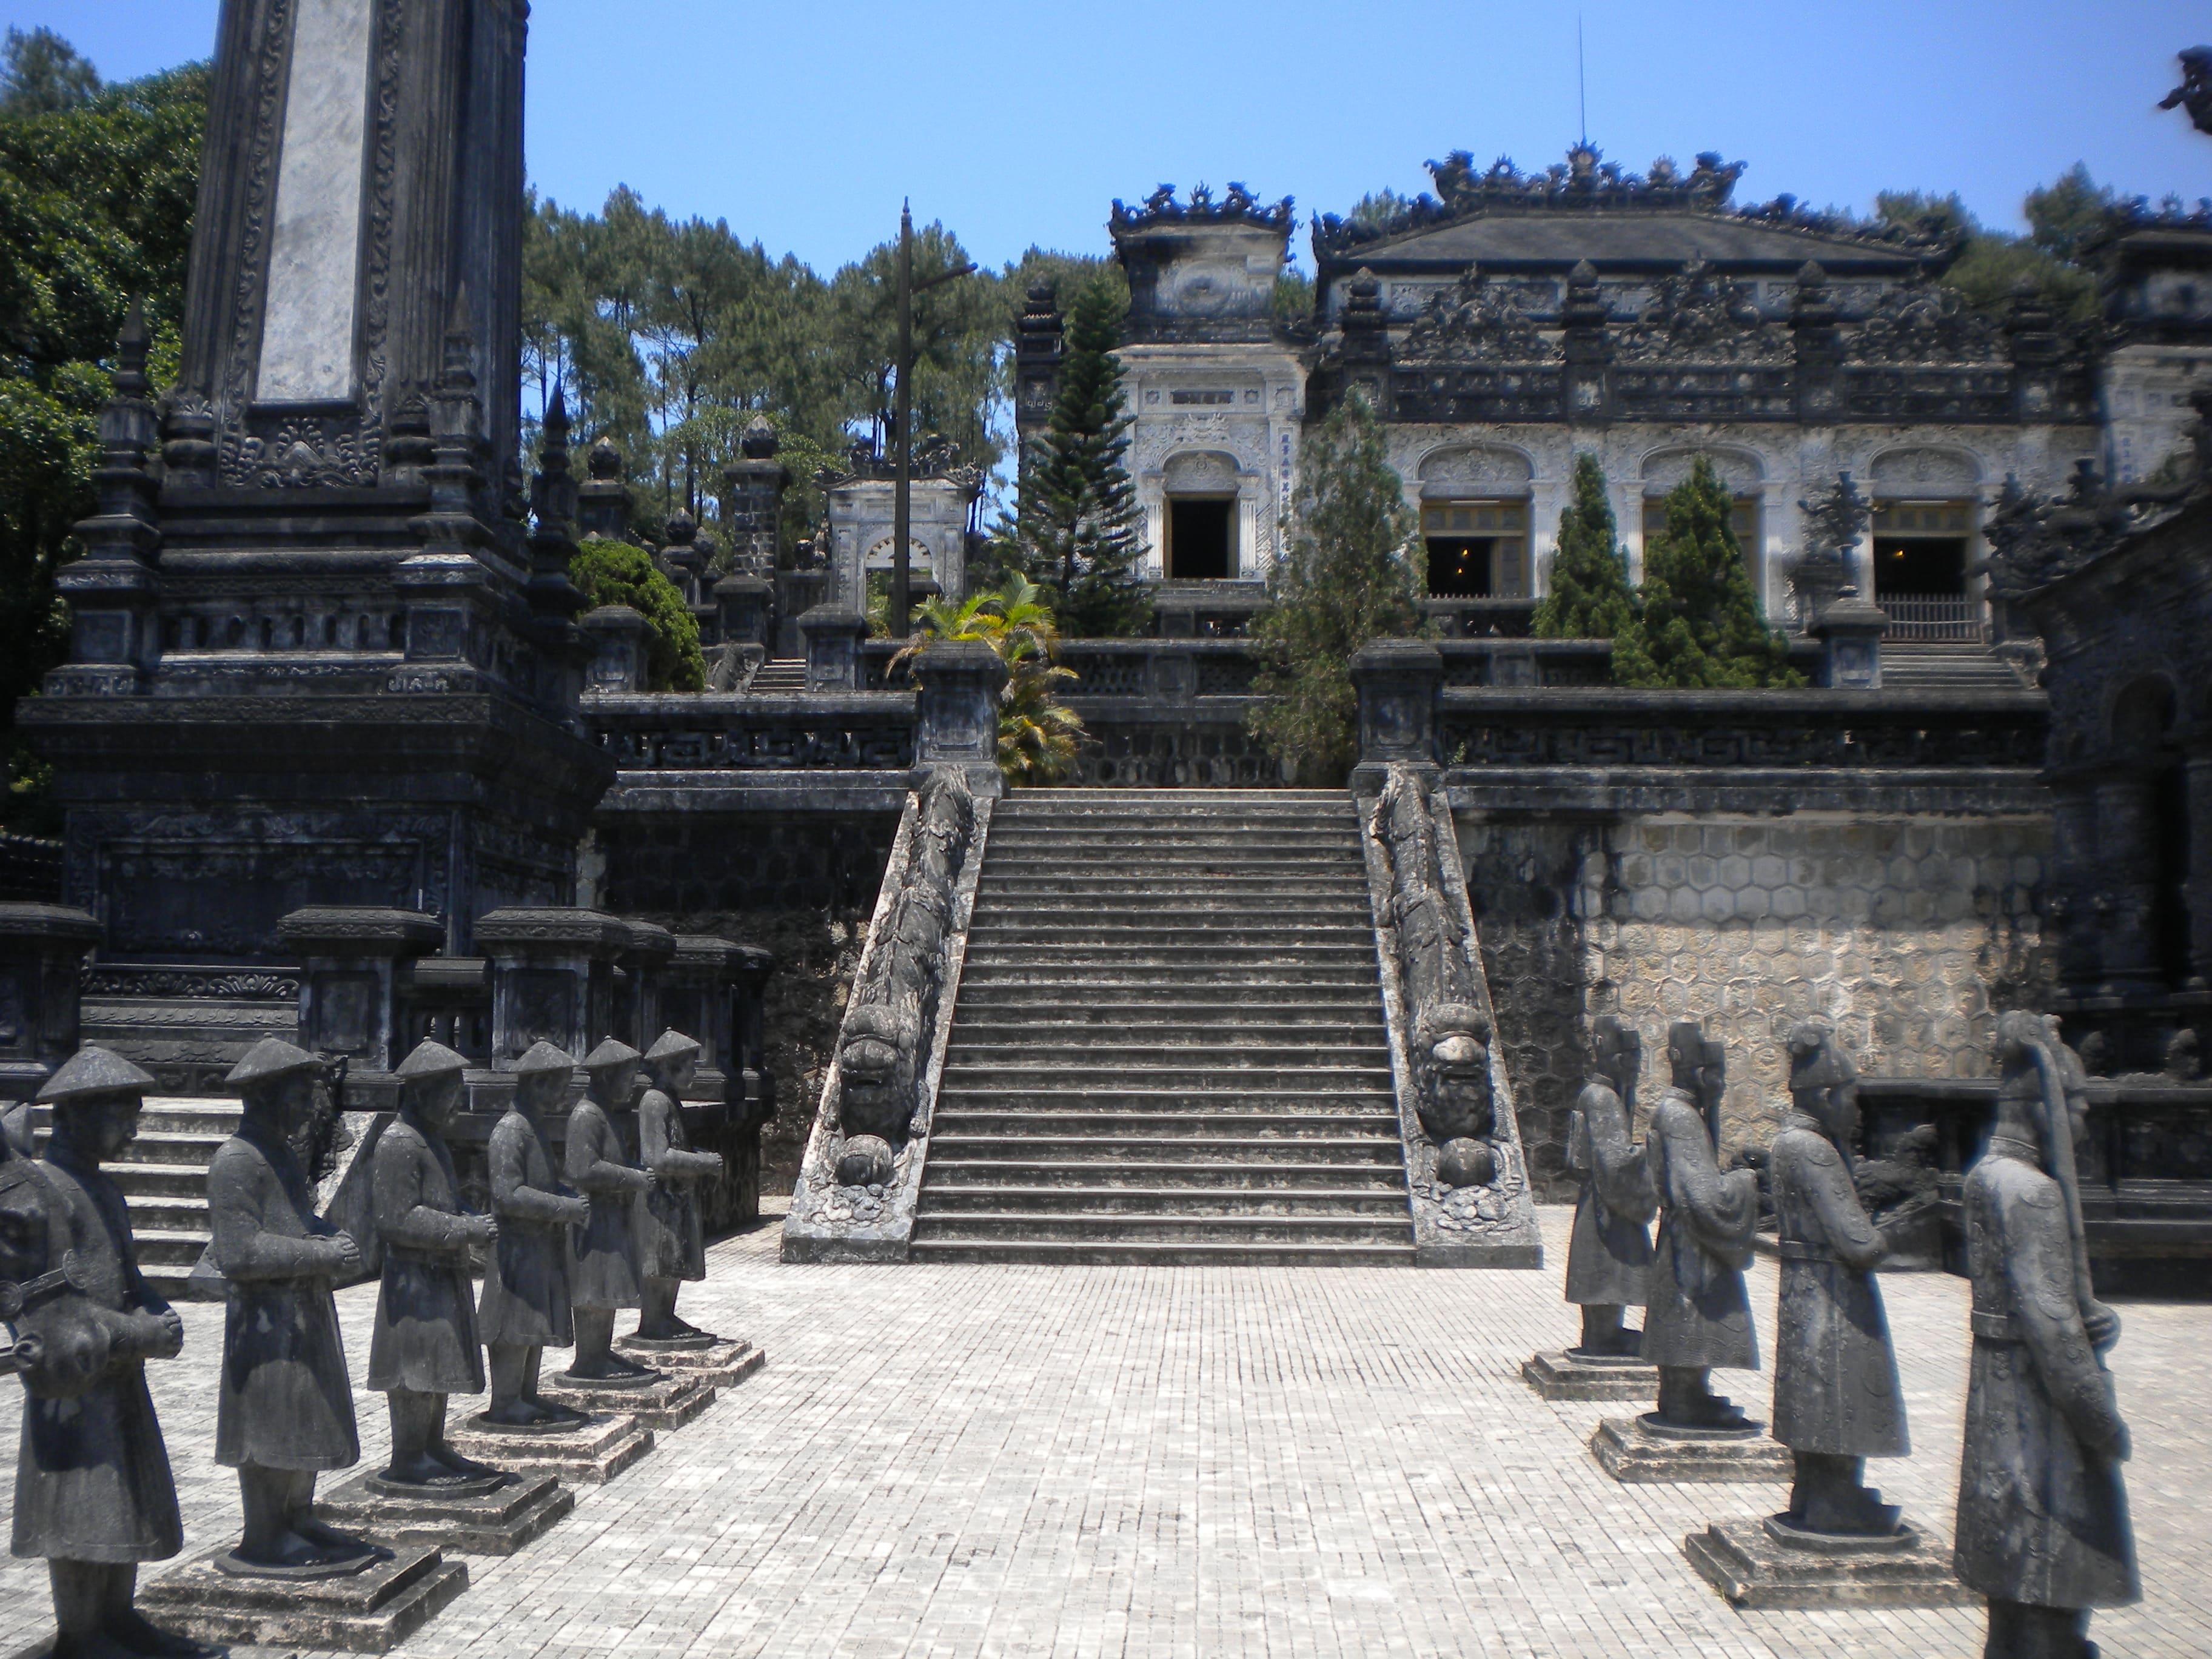 khai-dinh-tomb-secret-world